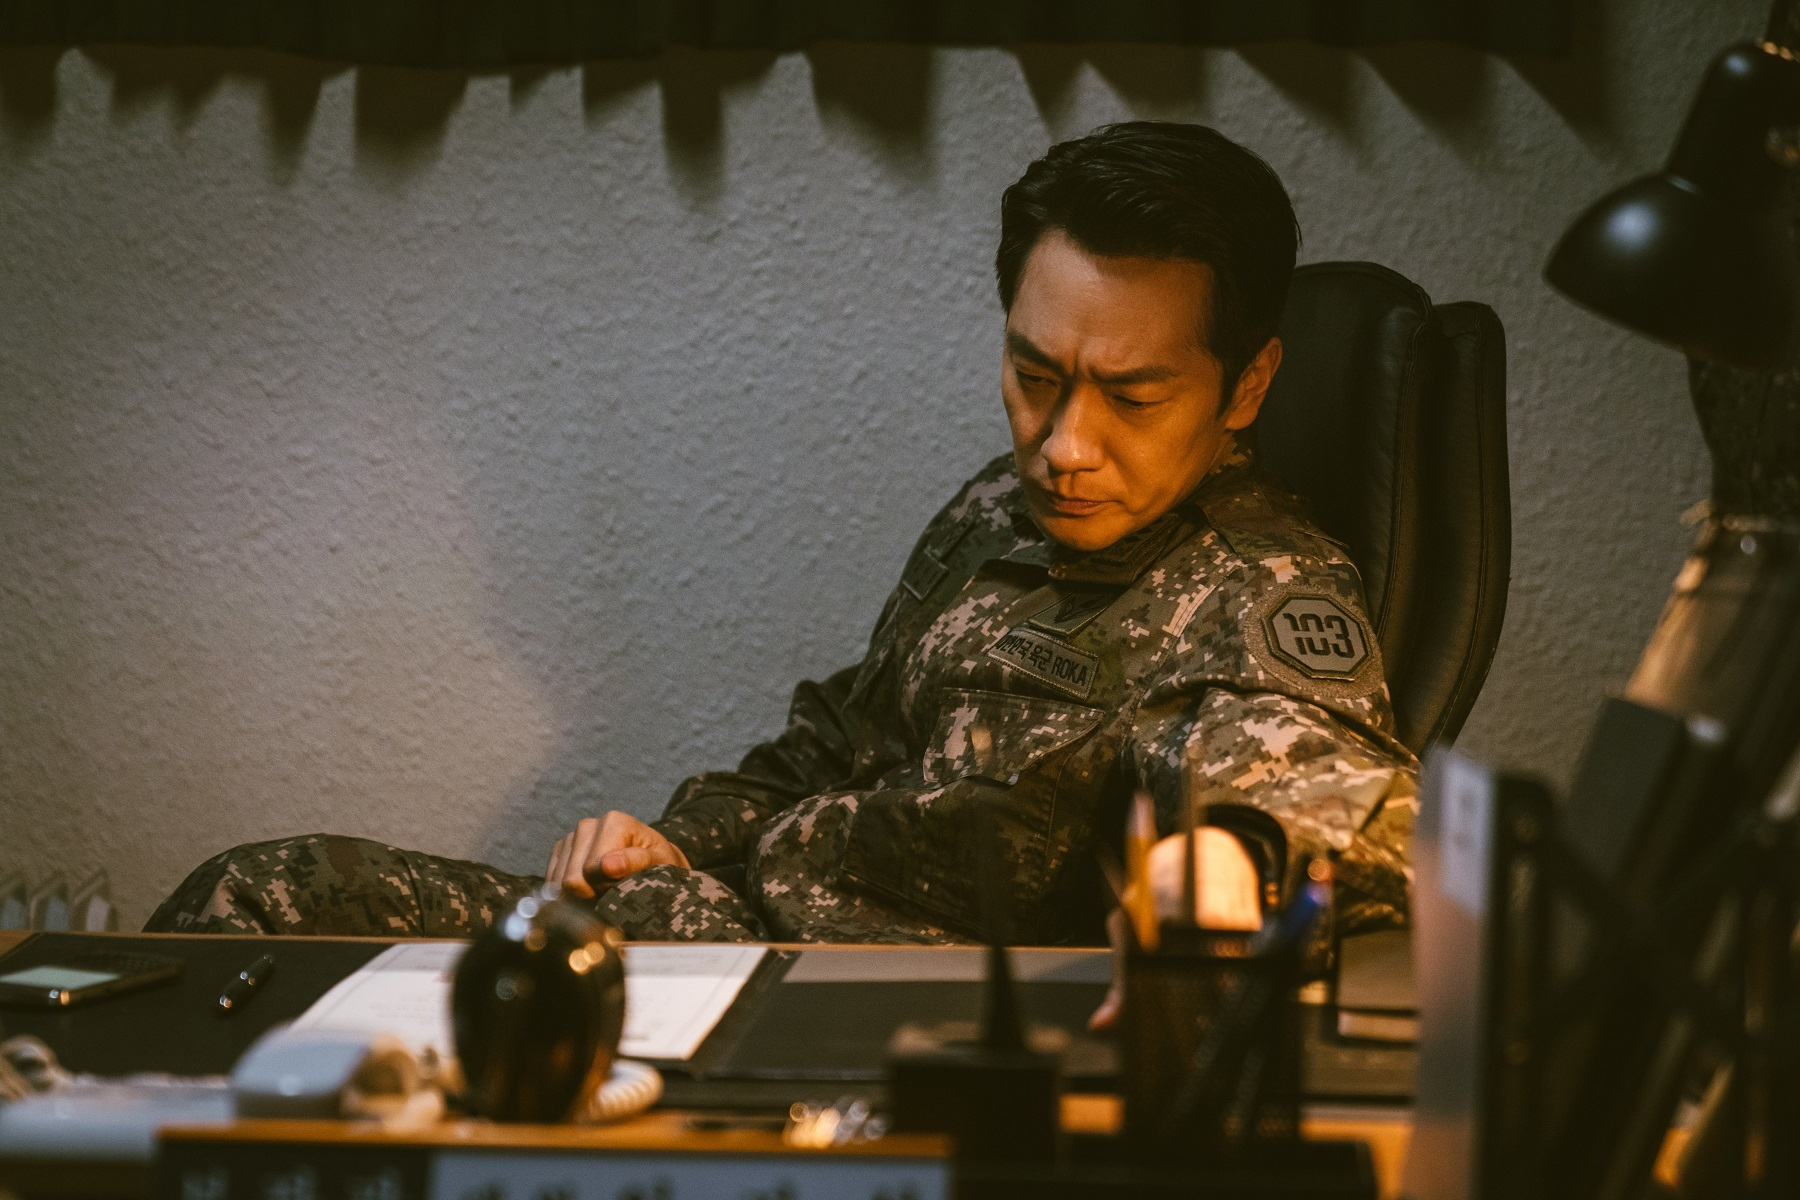 D.P.司令官役のソン・ソック